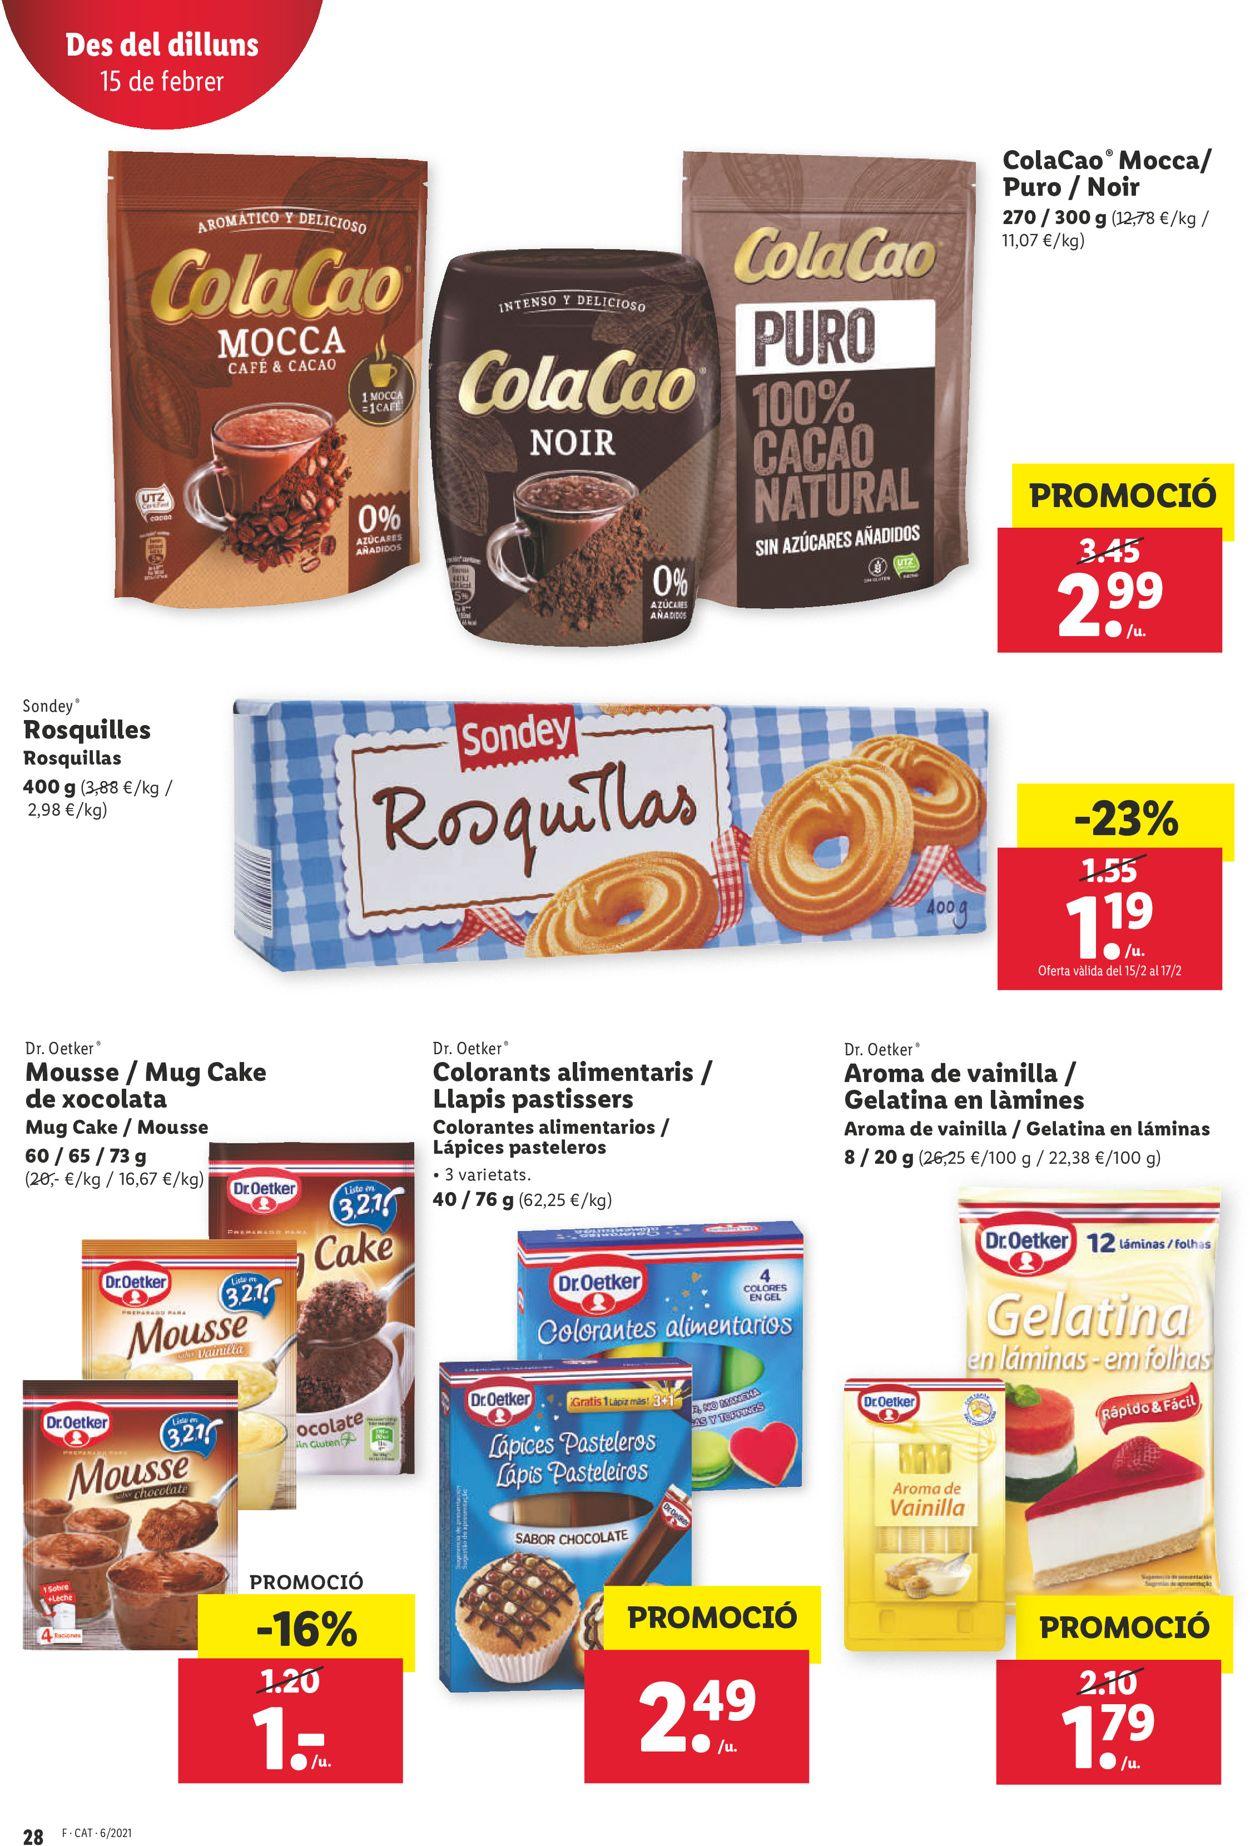 Lidl Folleto - 11.02-17.02.2021 (Página 28)